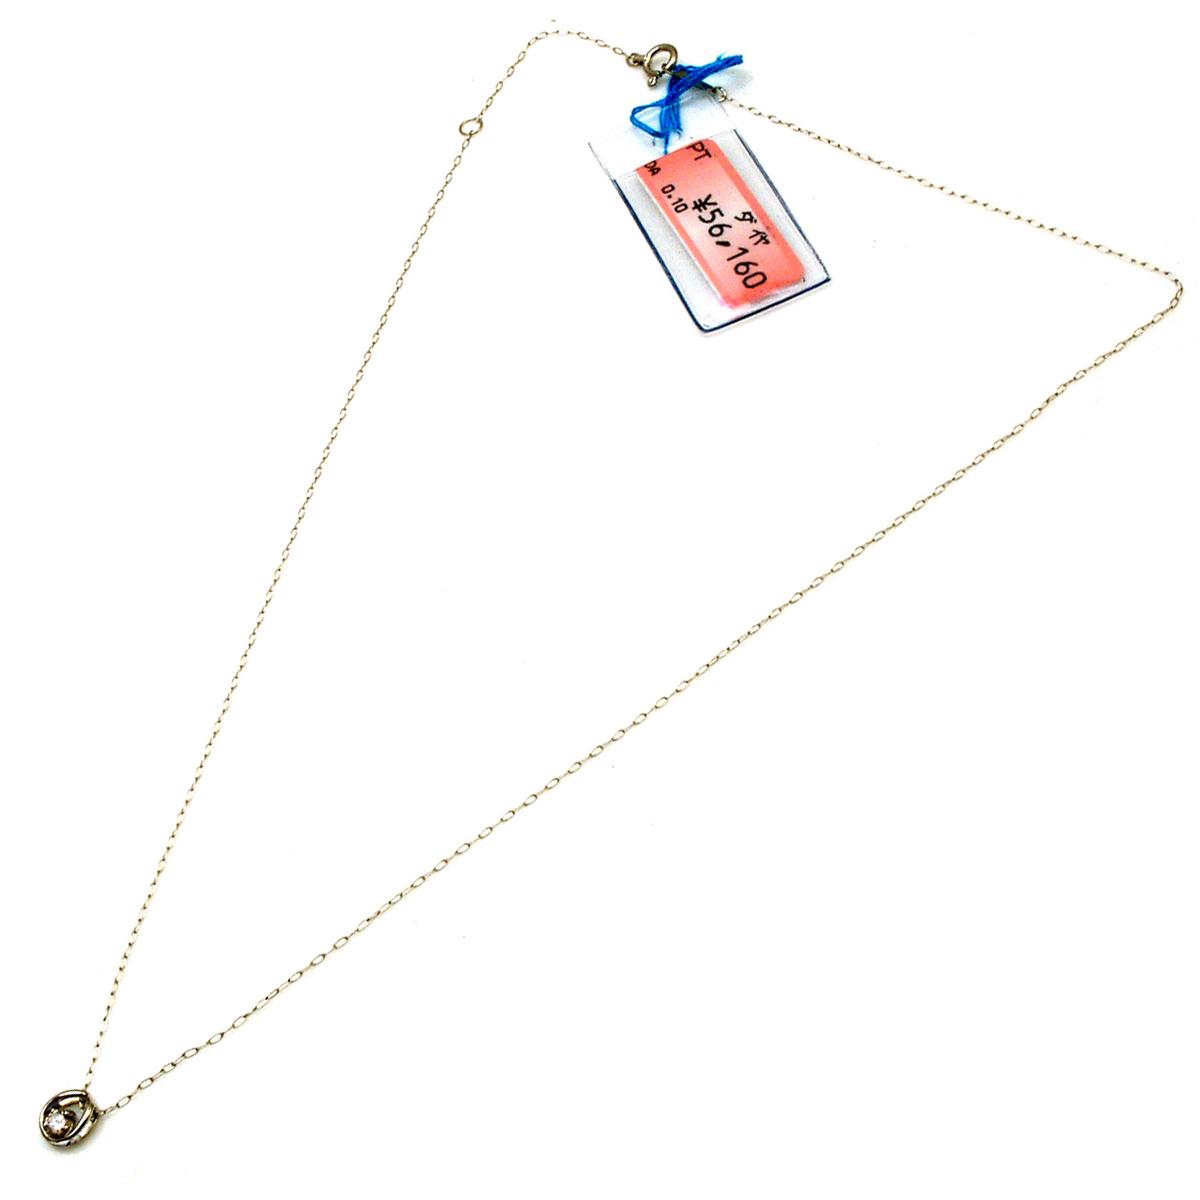 プラチナ900 ダイヤモンド0.1ct 馬蹄形 ペンダント ネックレス No2